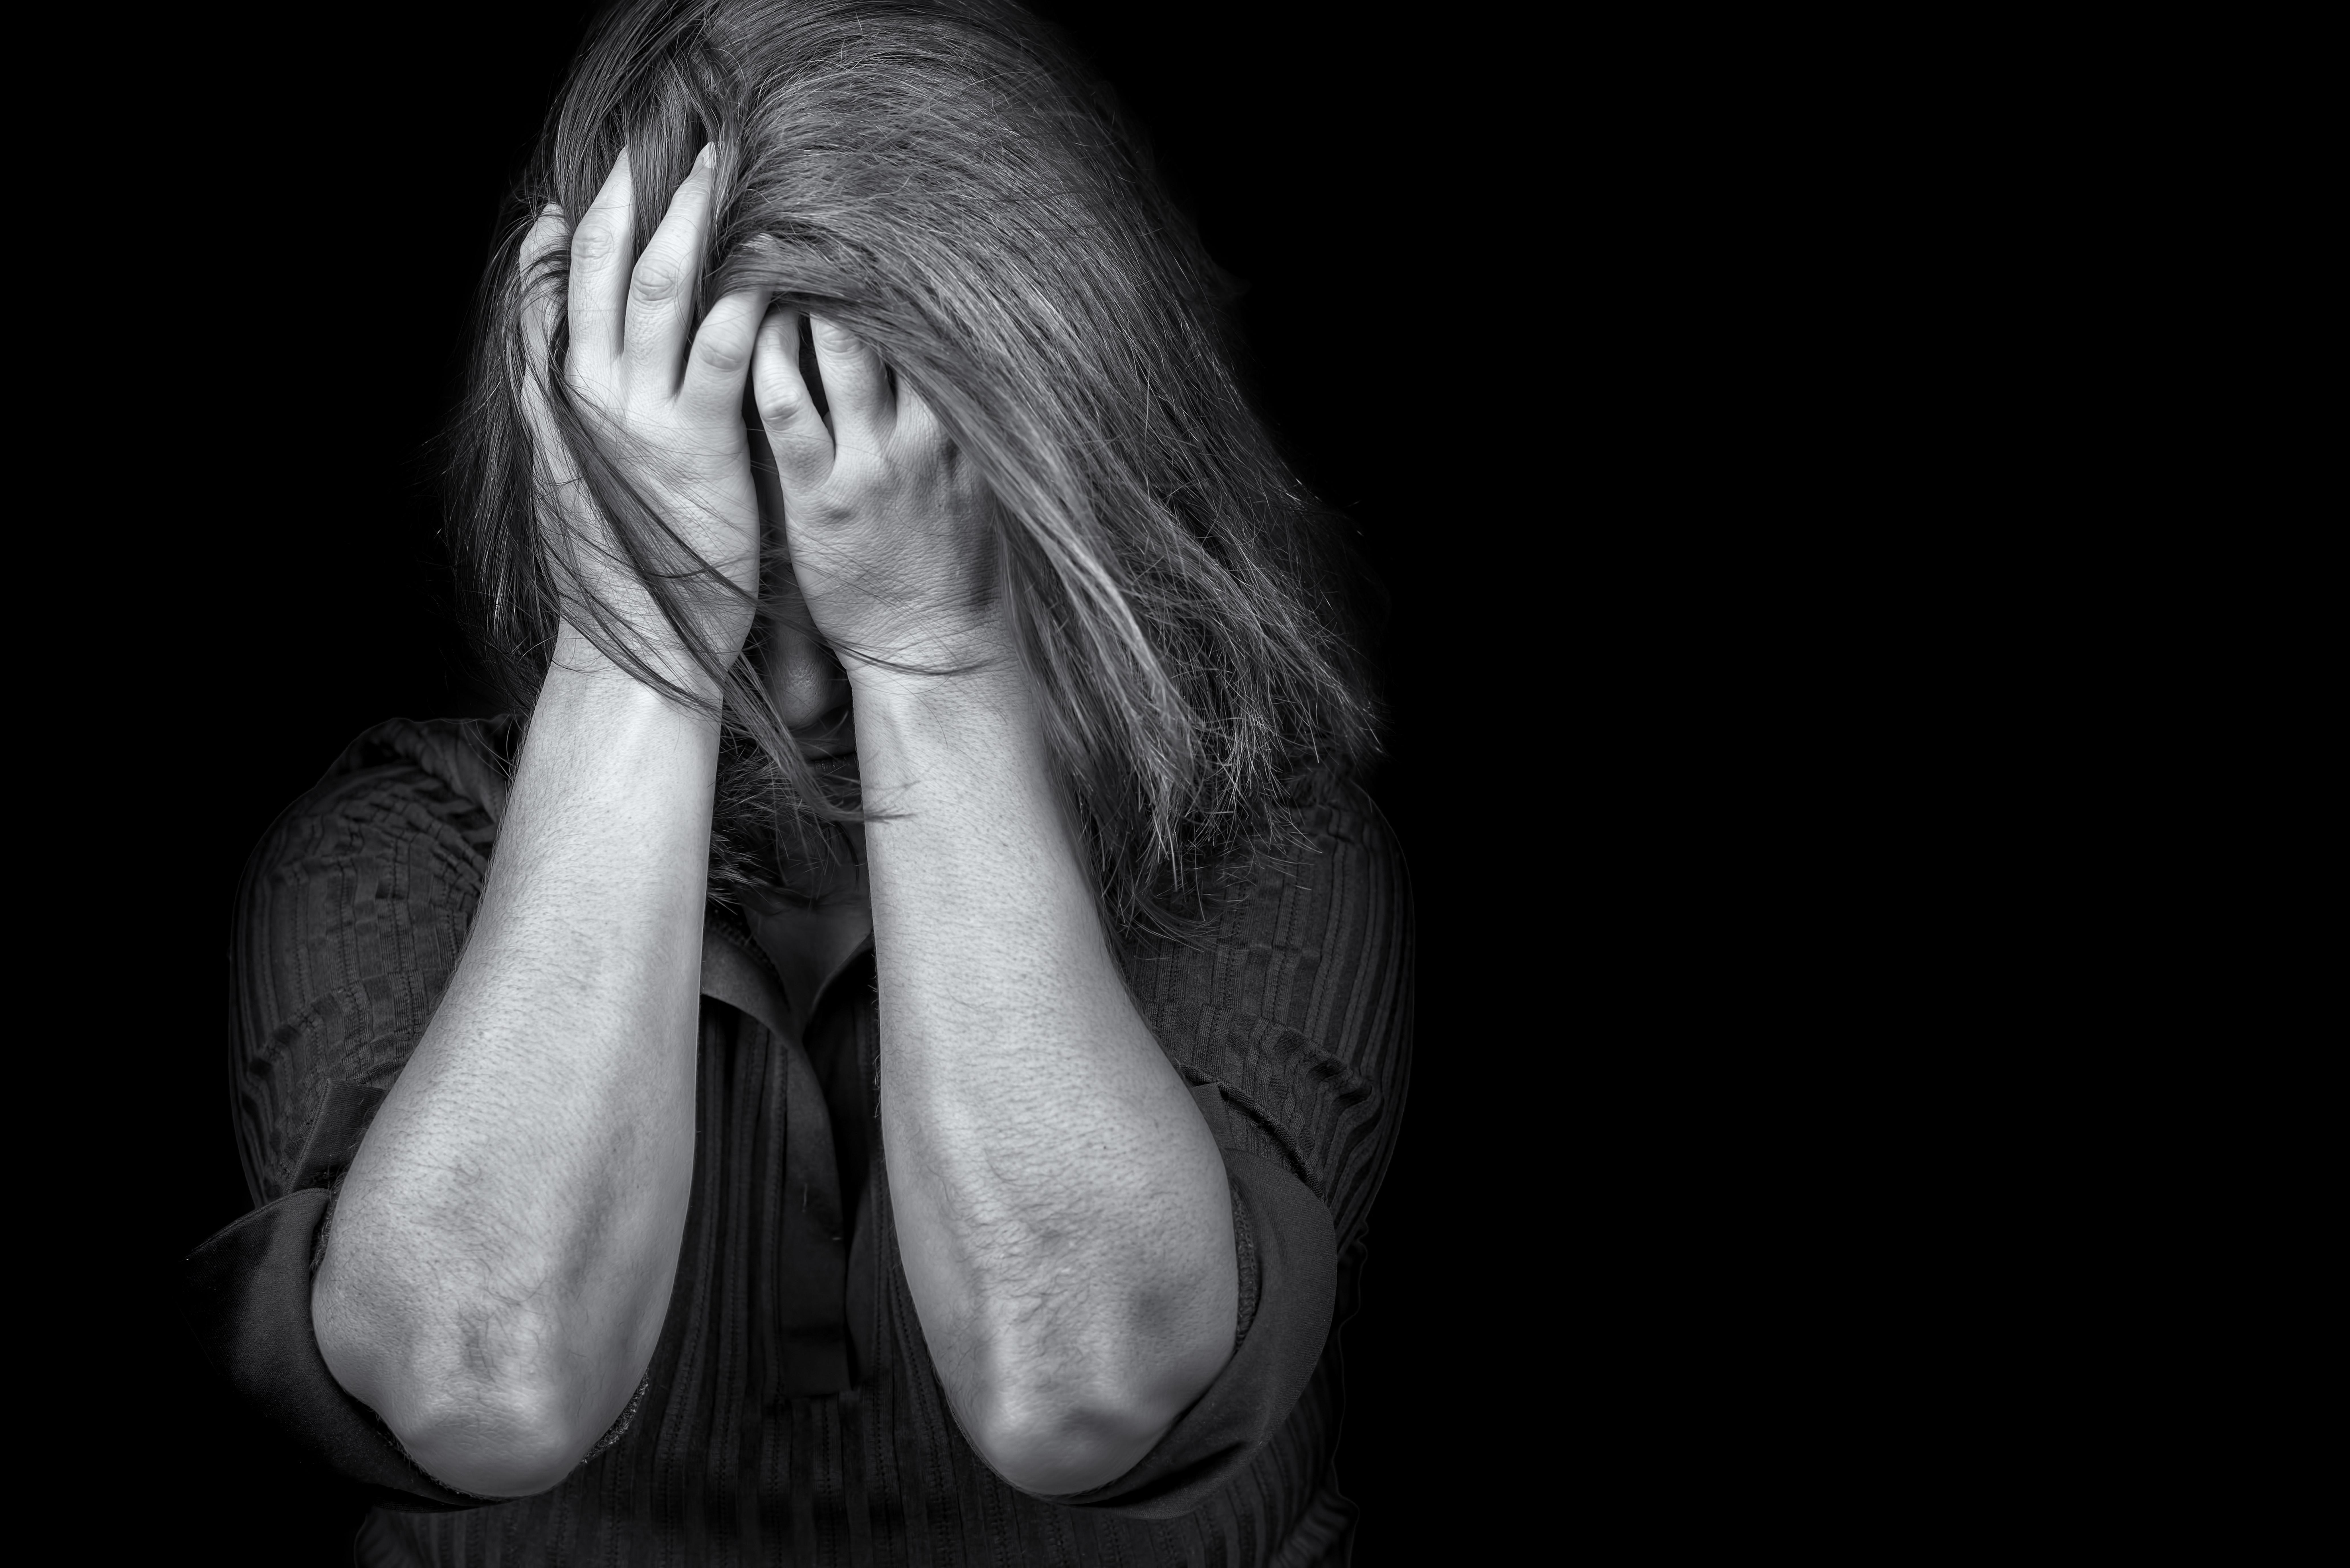 ▲▼示意圖,性侵,暴力,挫折,恐懼,濫用,女孩,手,社會,焦慮,恐怖,恐懼,憤怒,寂寞,孤獨(圖/123RF)